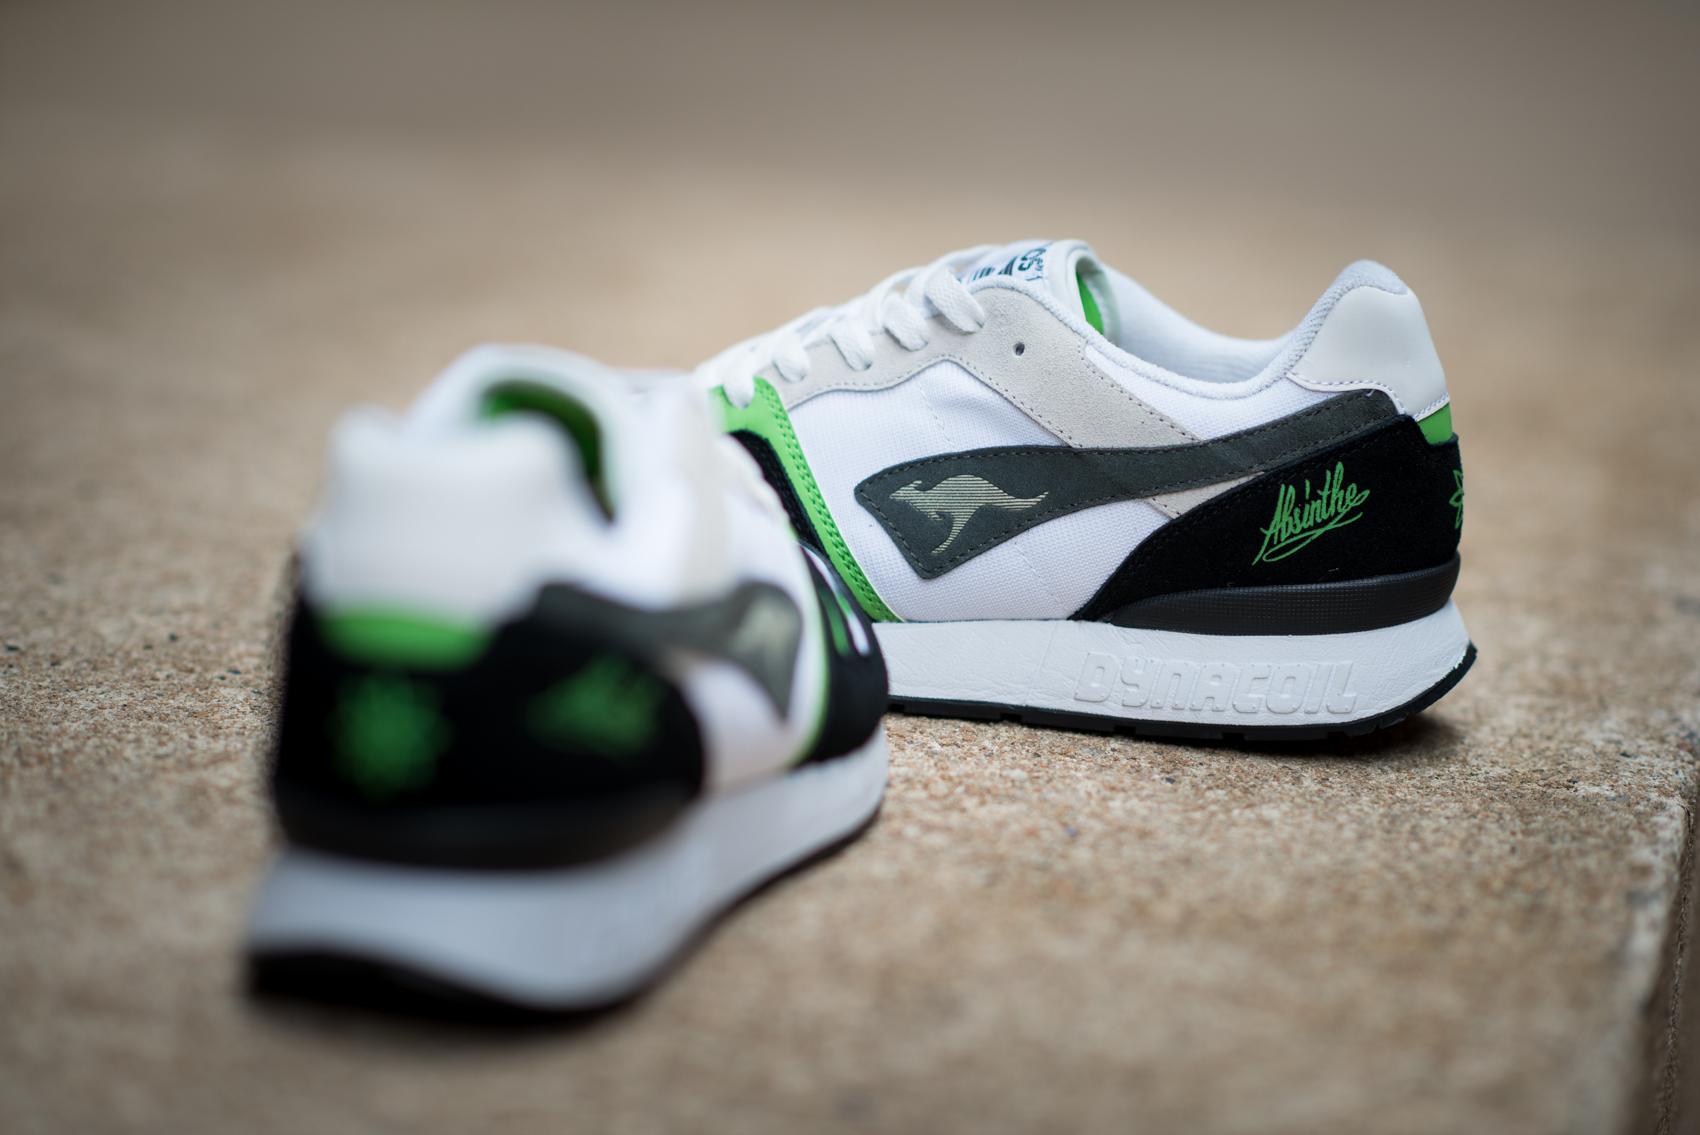 Kangaroos X Sneakers Absinthe4